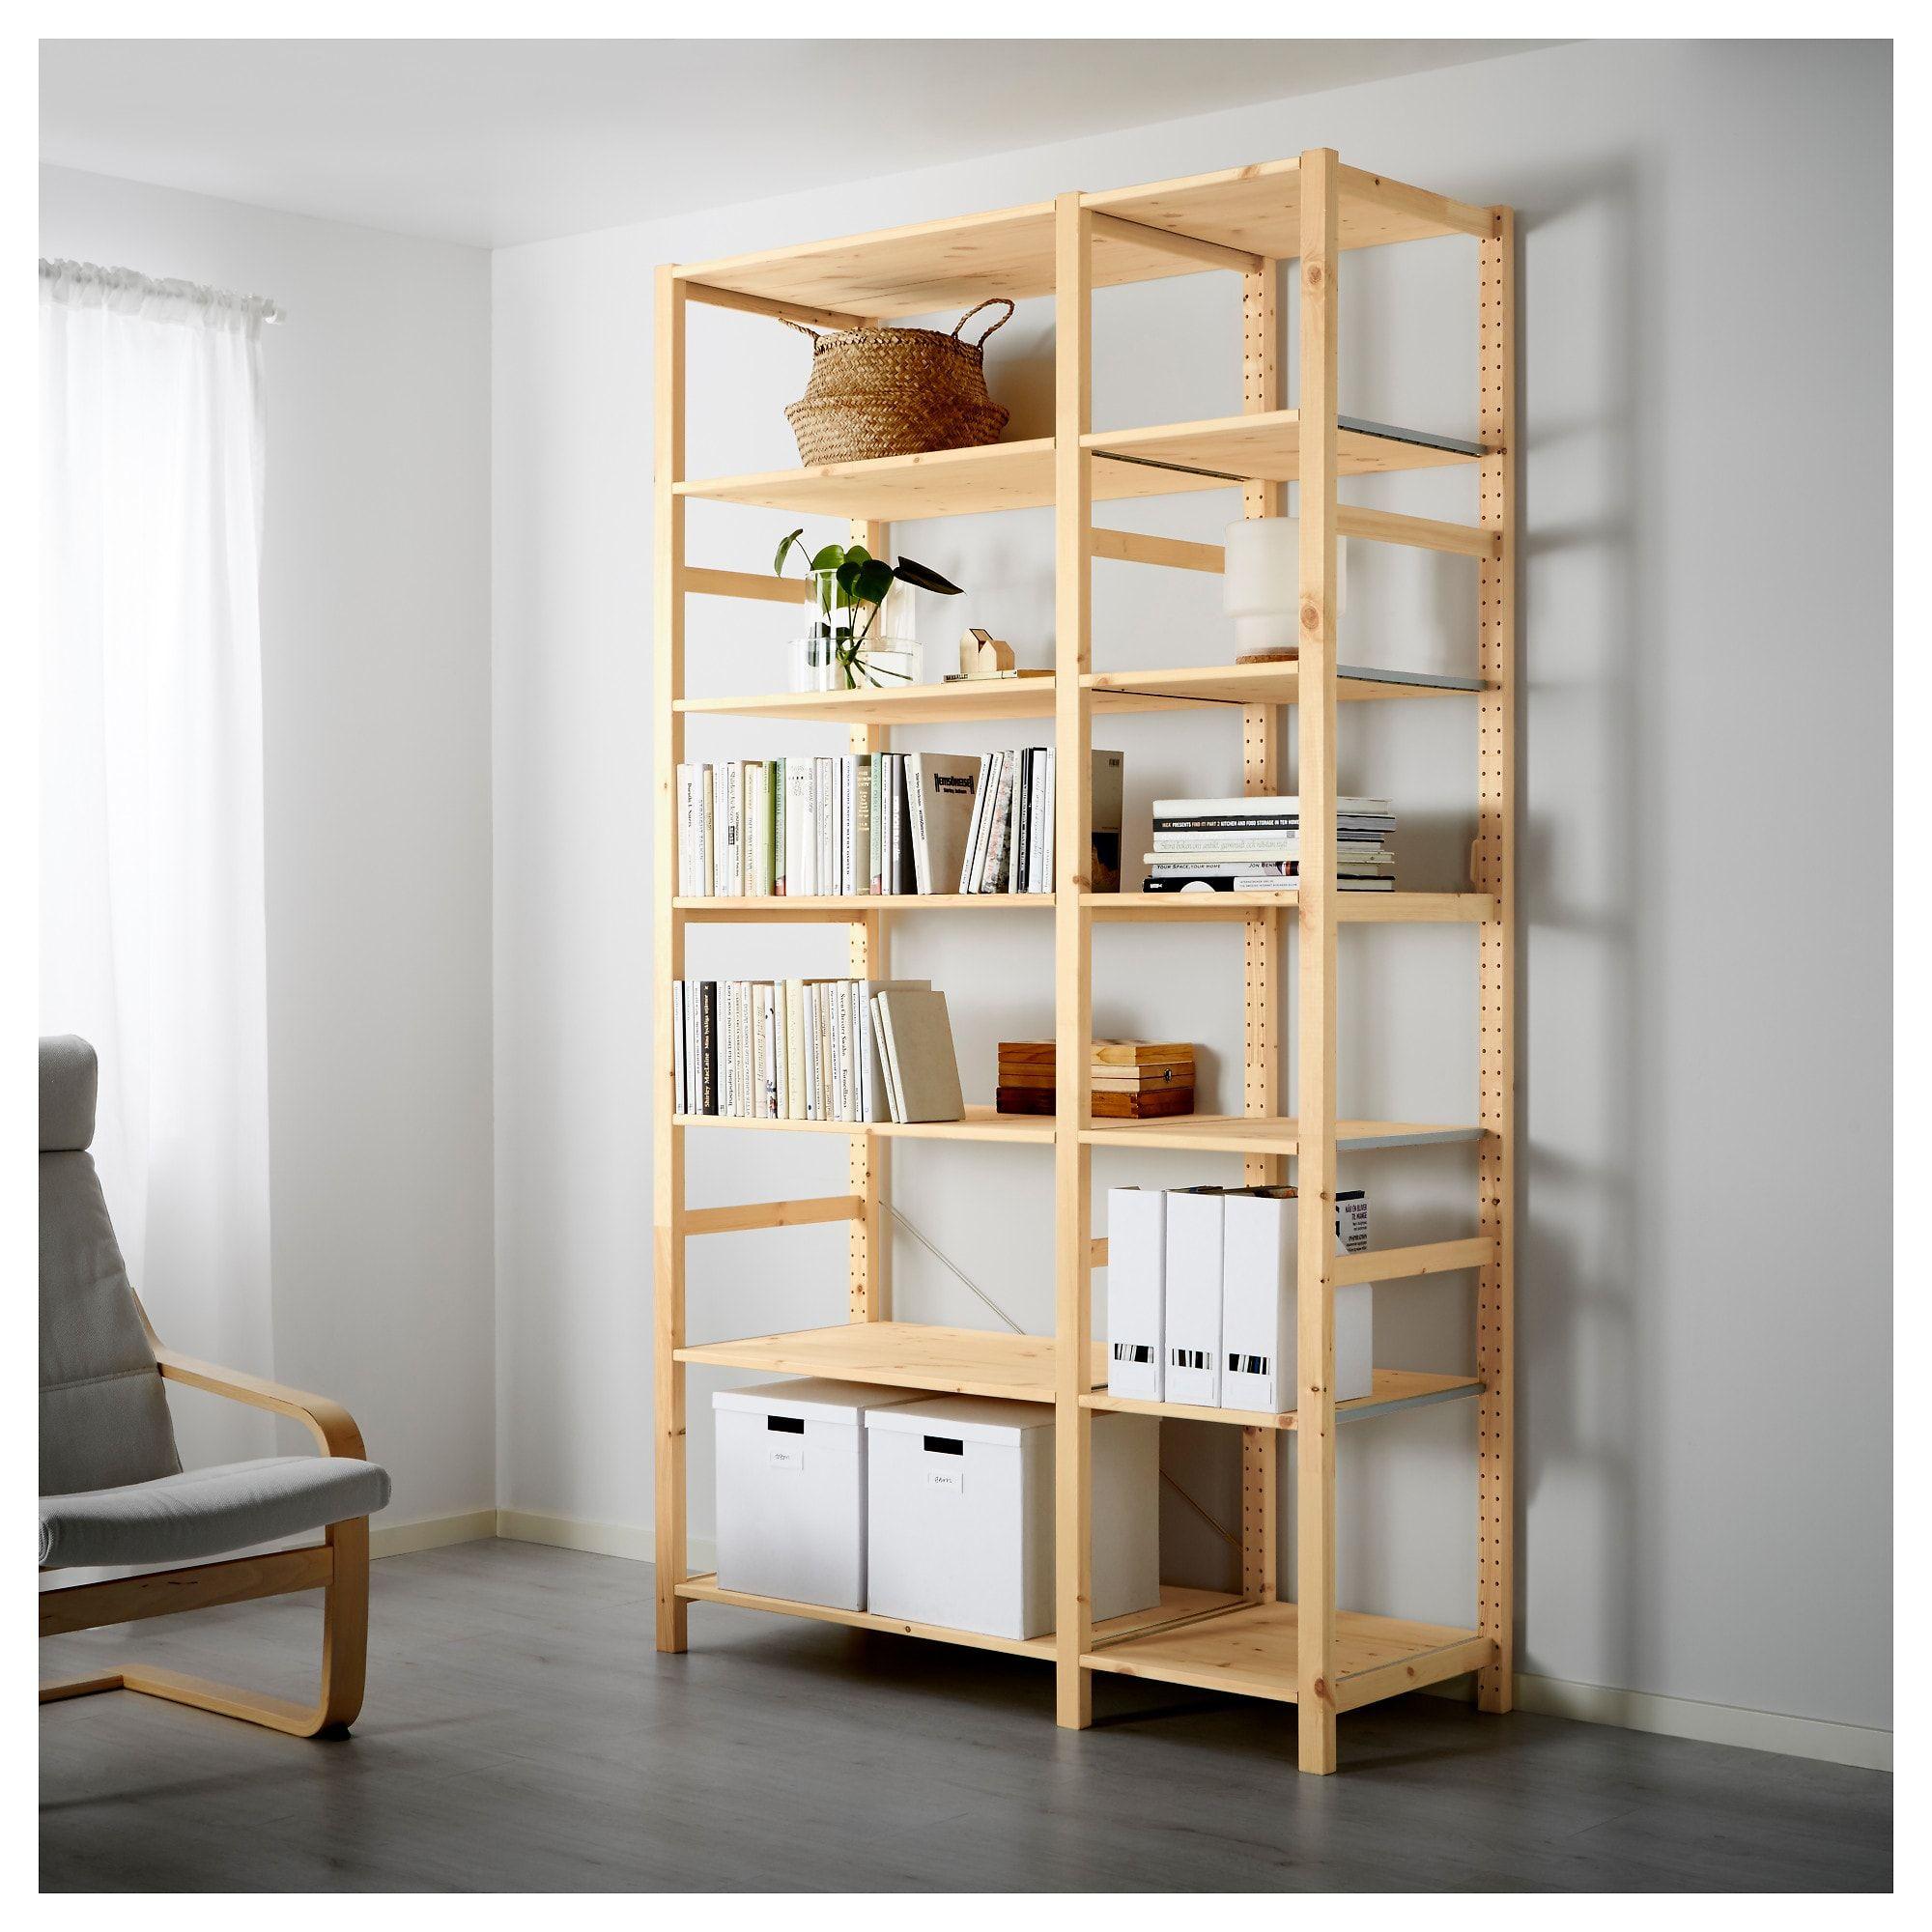 Us Furniture And Home Furnishings Ikea Shelving Unit Shelving Unit Shelves